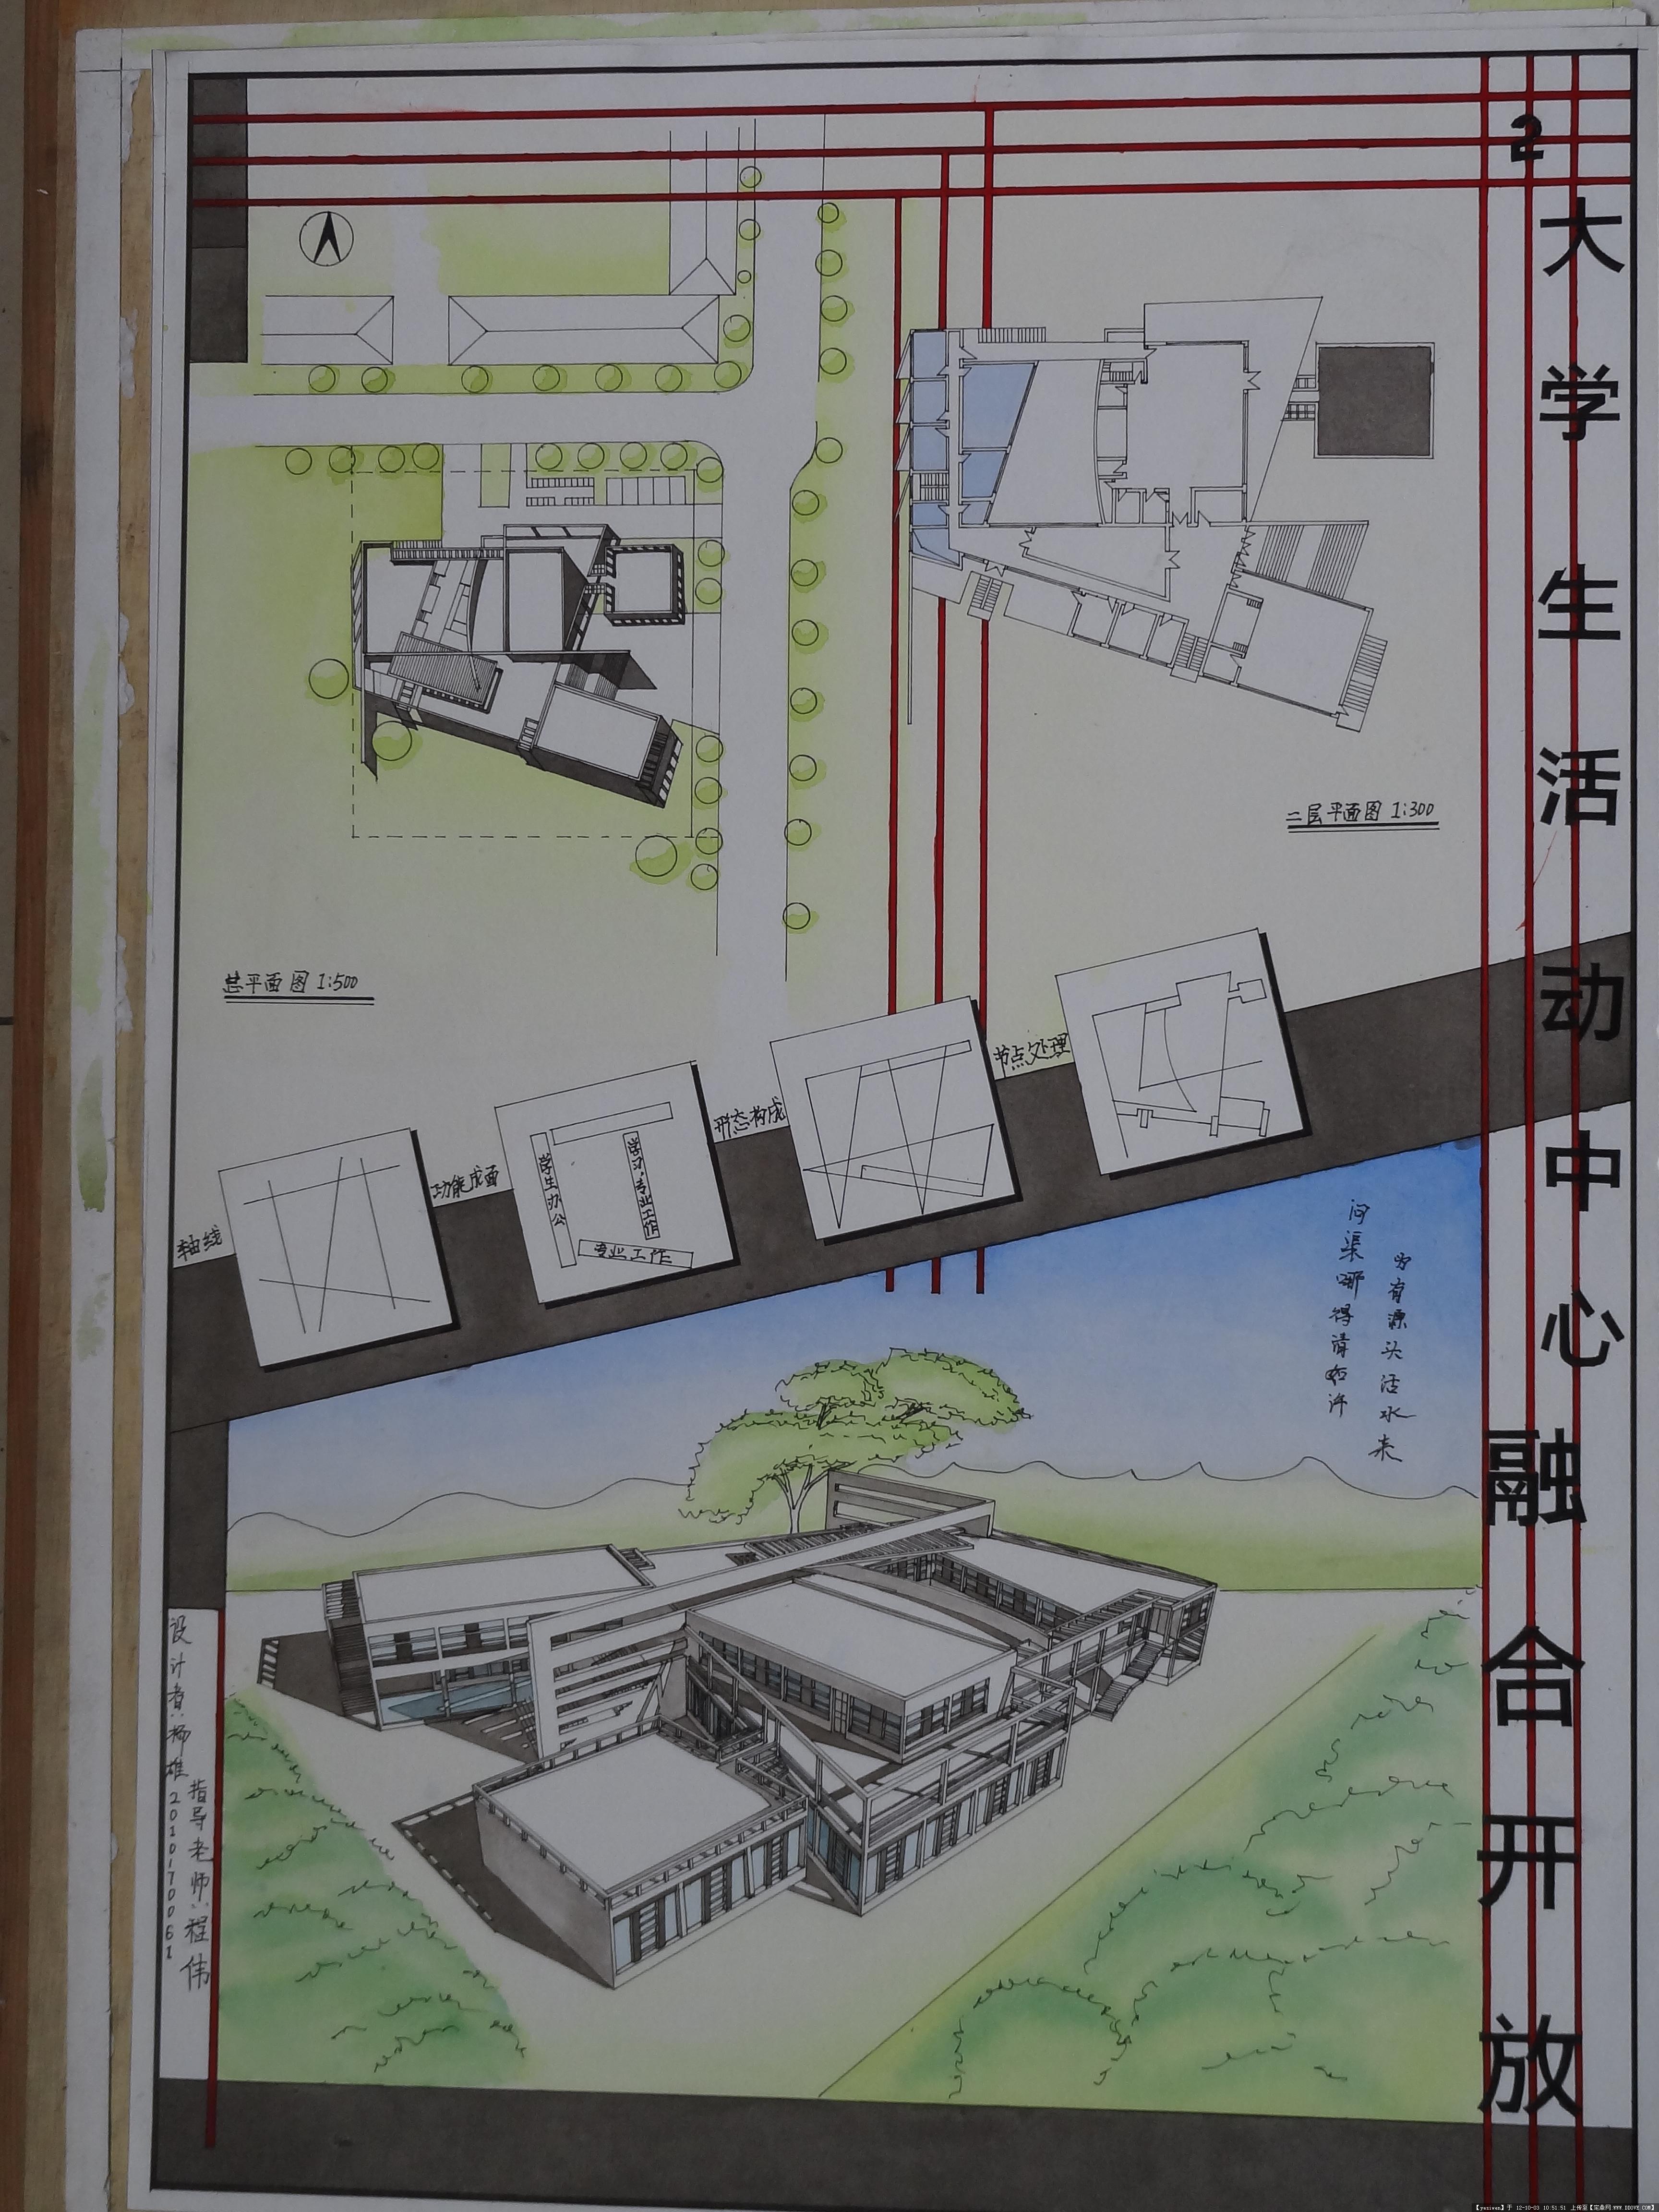 大学生活动中心的图片v图片,建筑效果图,手绘绘制效果用计算机软件建筑思维导图片